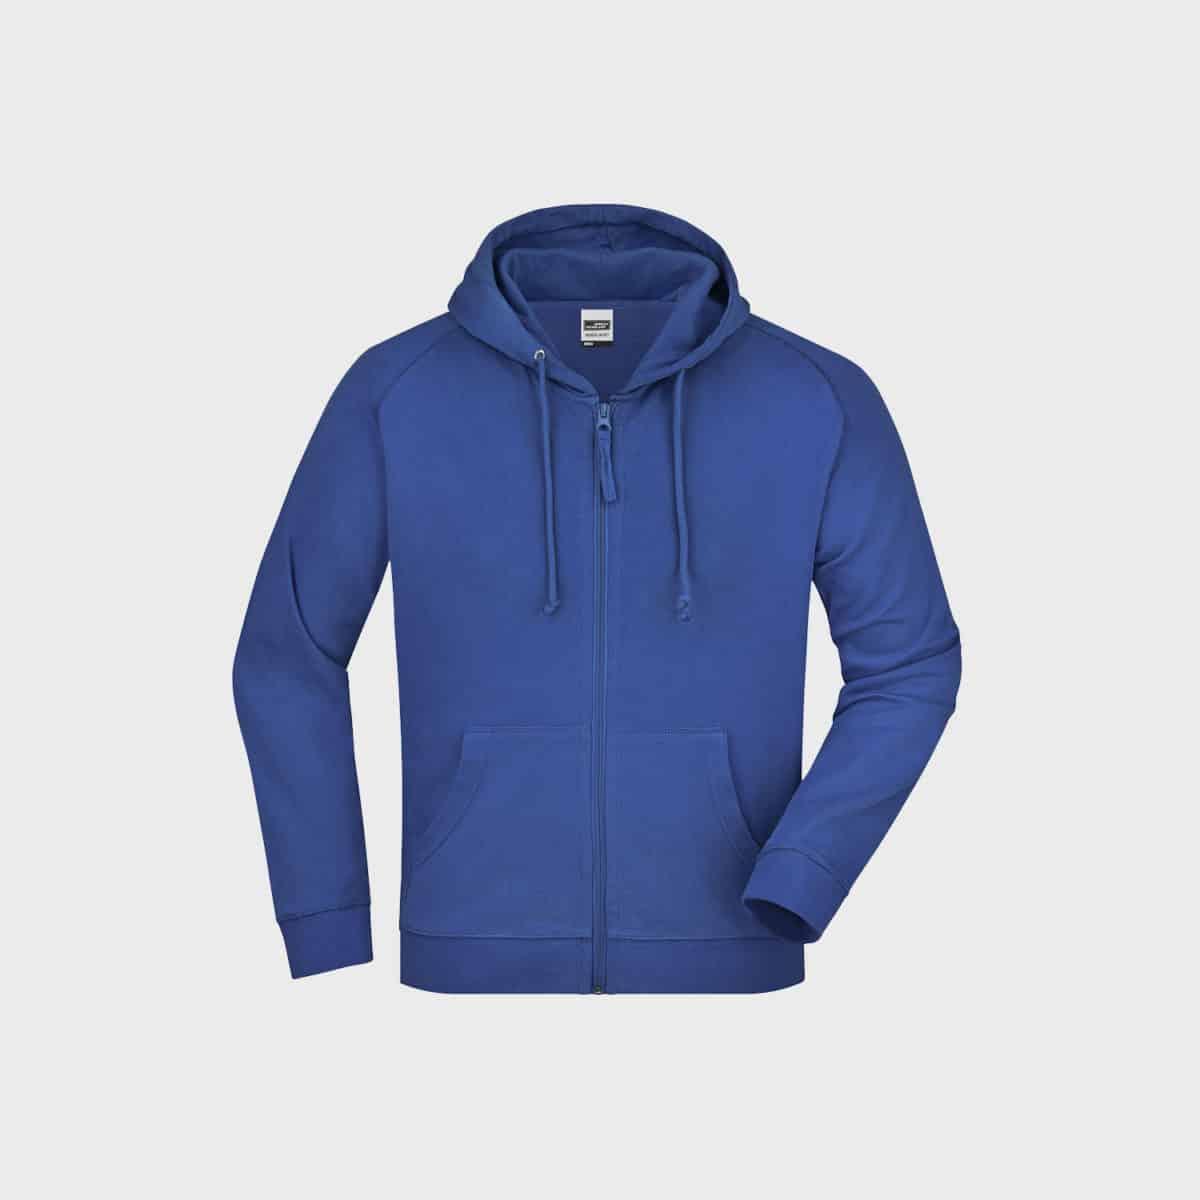 sweatjacke-hoodie-men-royal-kaufen-besticken_stickmanufaktur